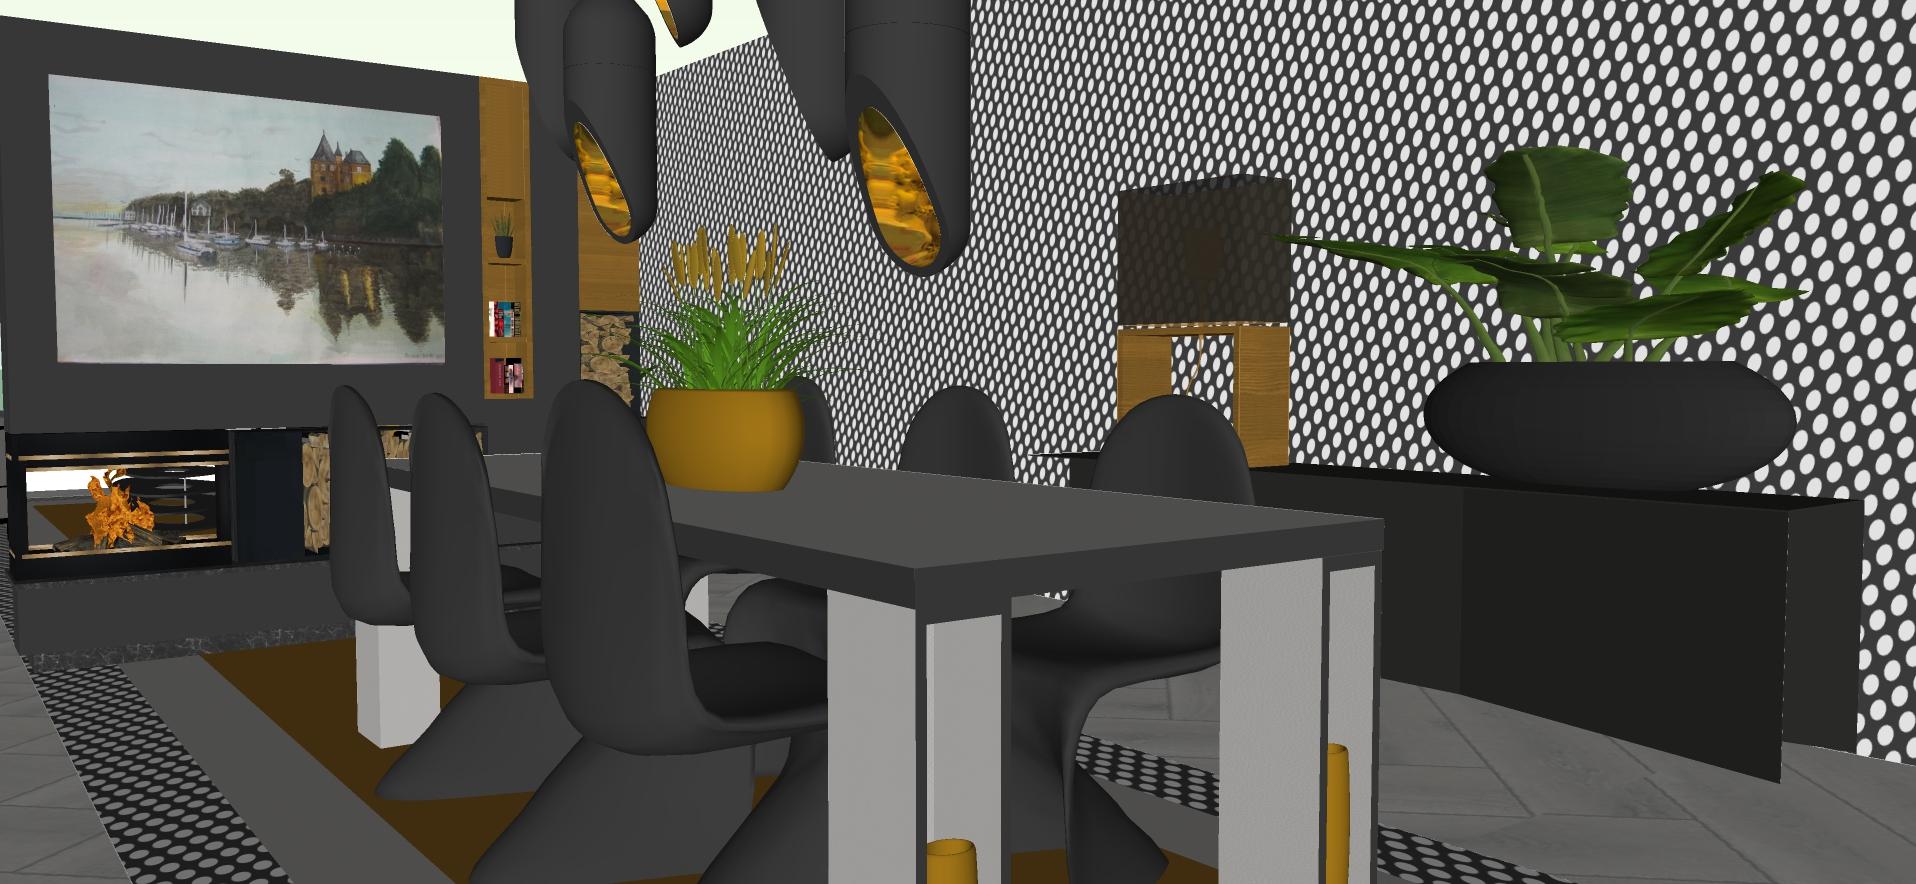 Mijn favoriete designstoelen: Panton chairs.